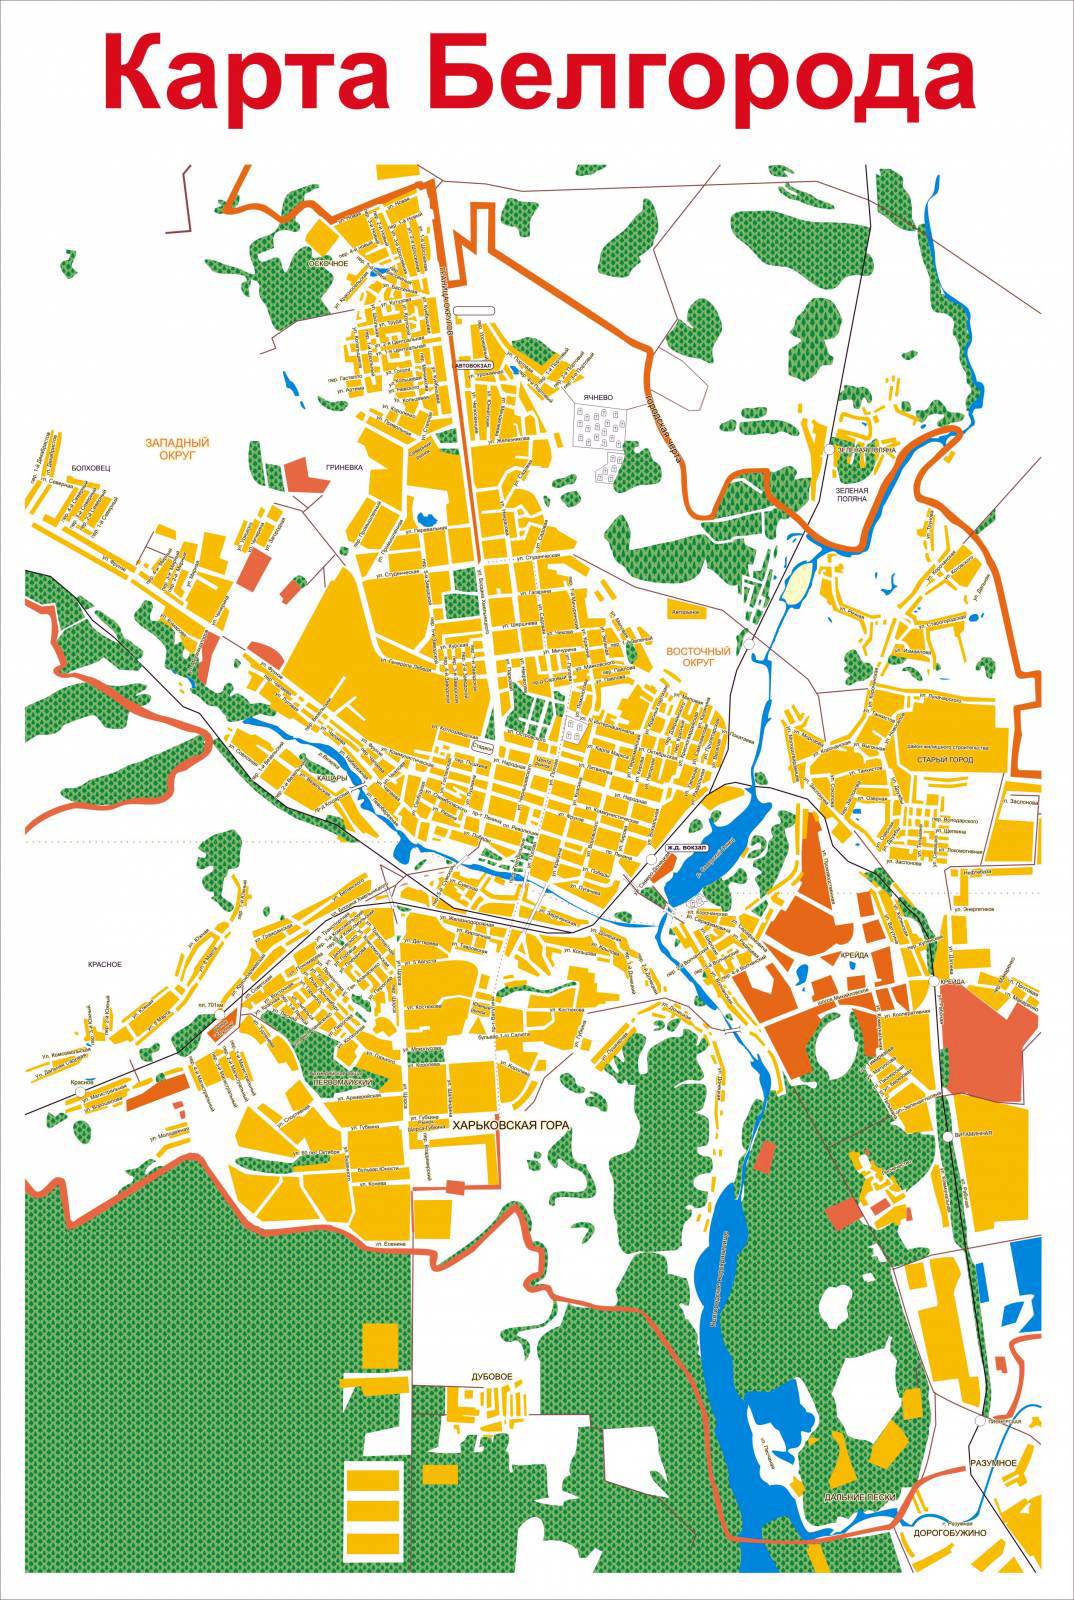 Карта Белгорода   Raster Maps   Карты всего мира в одном месте: http://www.raster-maps.com/map-of-russia-89/